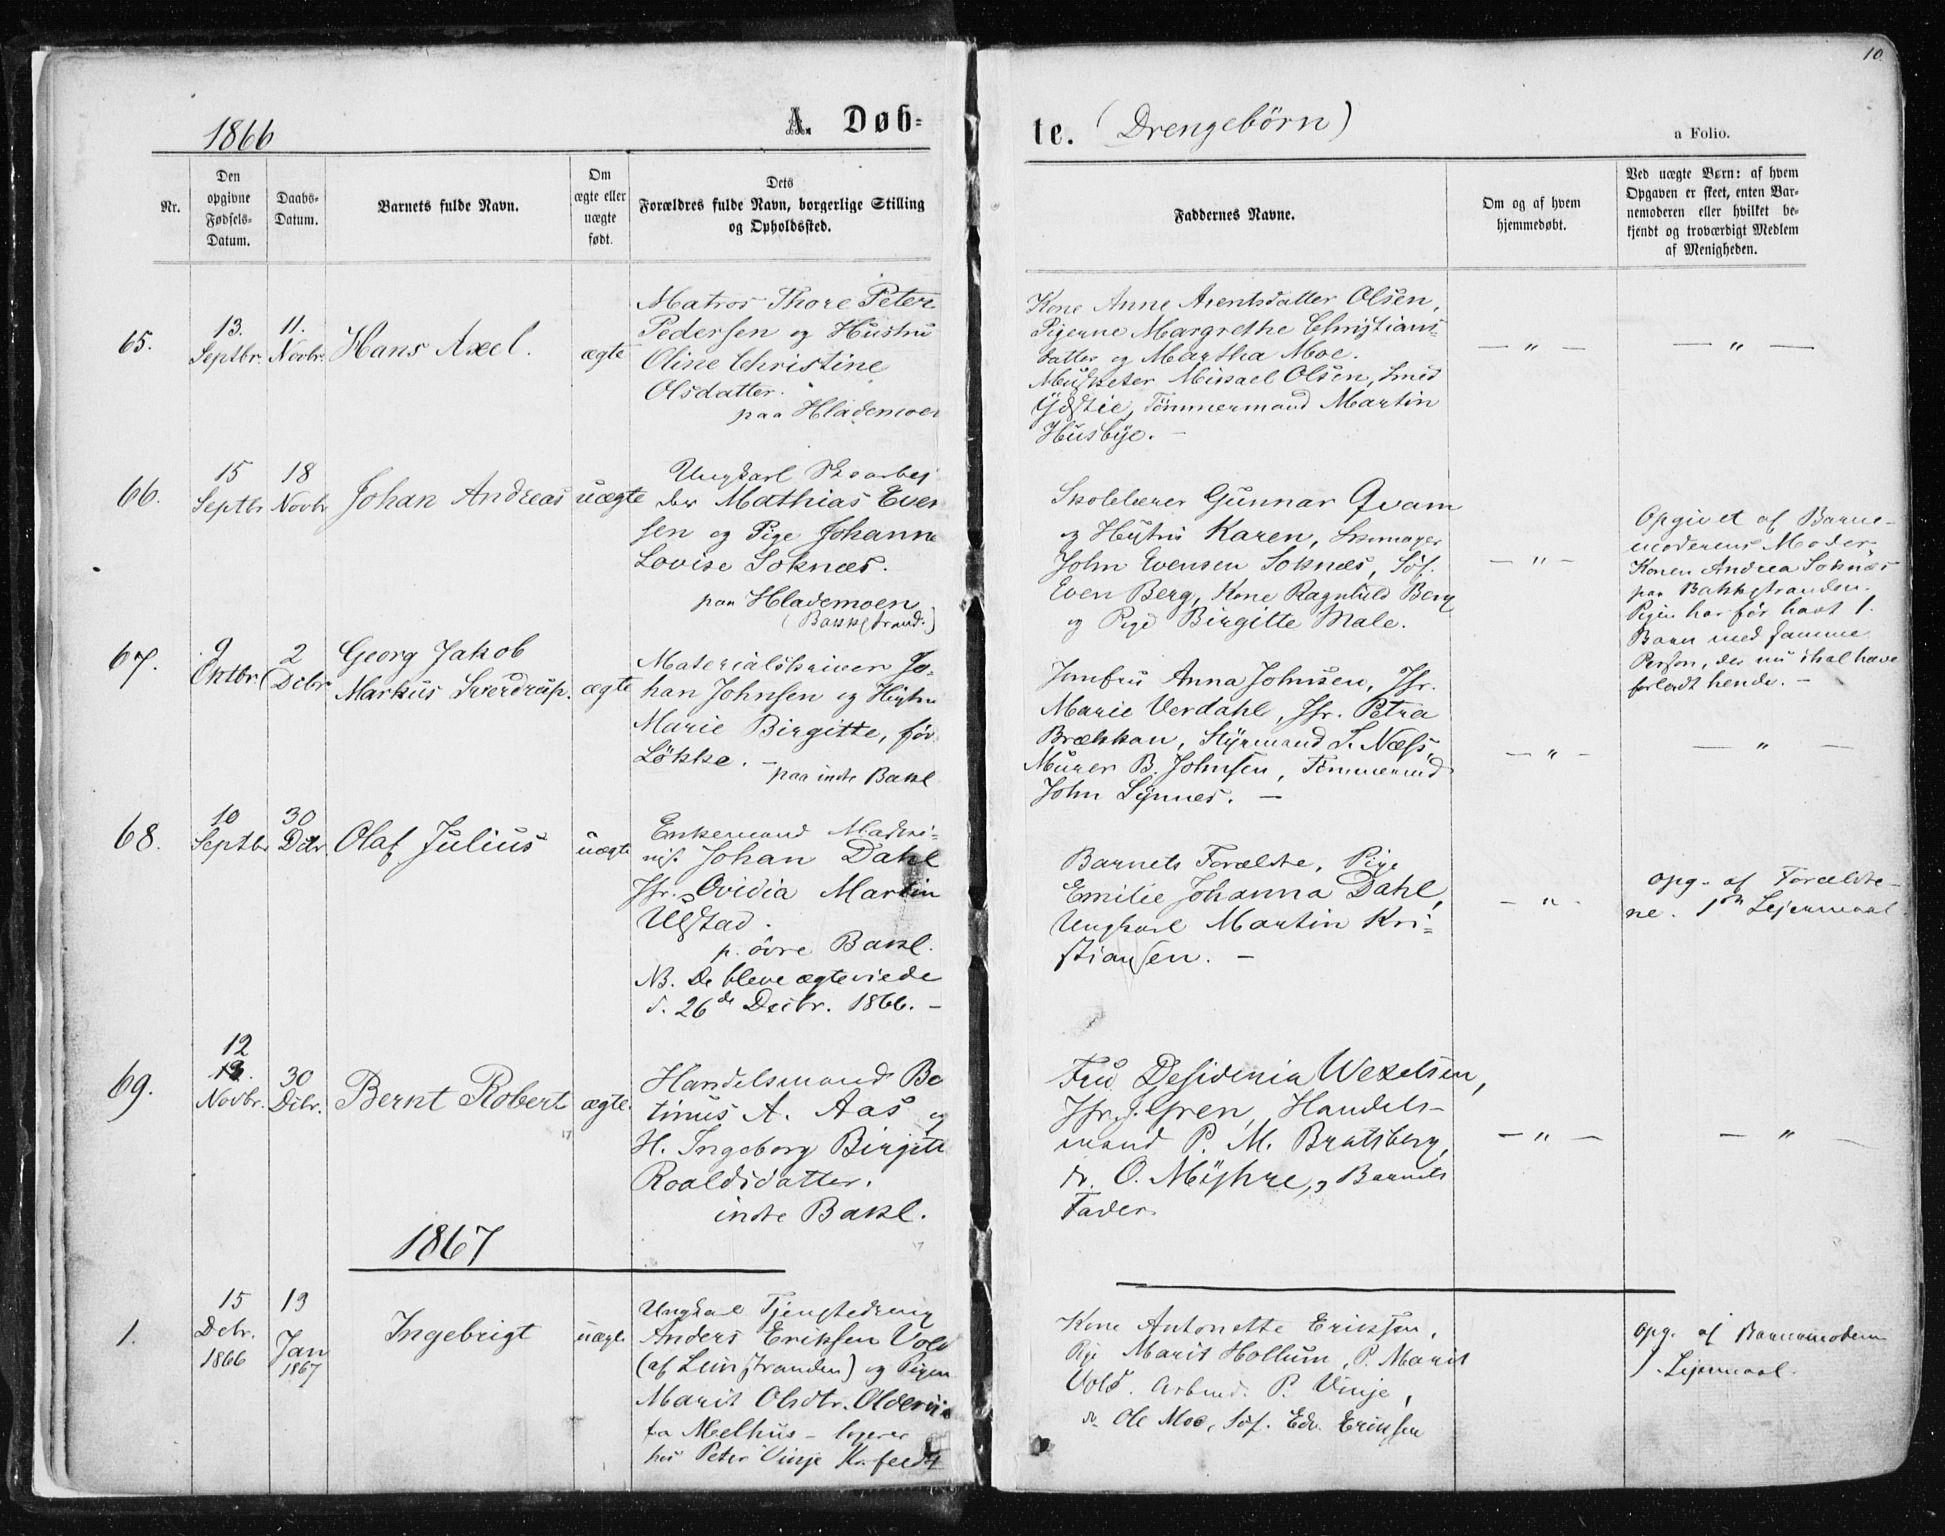 SAT, Ministerialprotokoller, klokkerbøker og fødselsregistre - Sør-Trøndelag, 604/L0186: Ministerialbok nr. 604A07, 1866-1877, s. 10